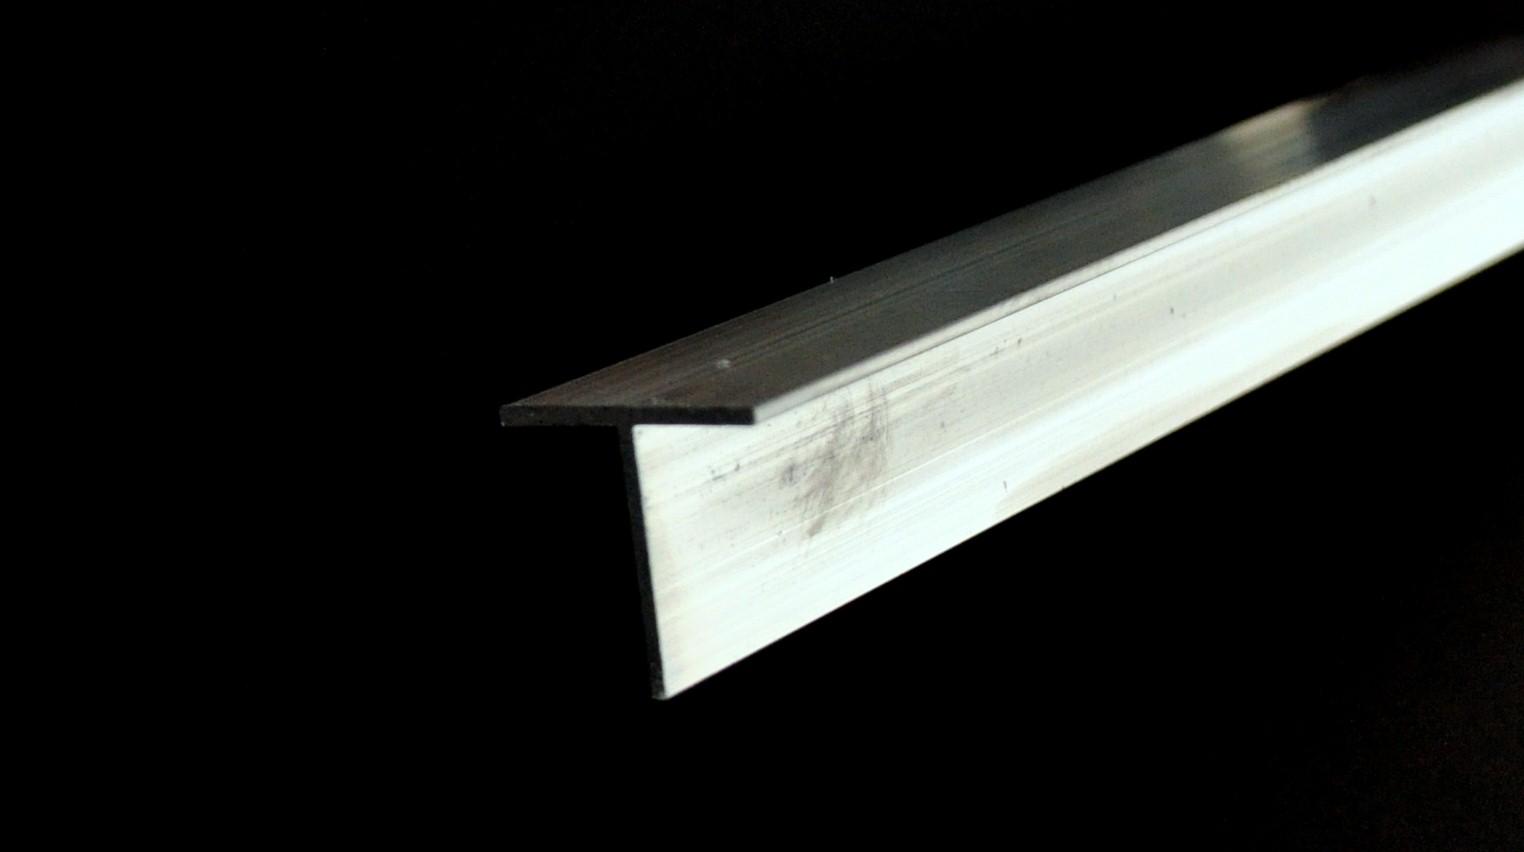 3. DSC_0466_a – Please Lighten Picture (Code -T-Sec, Description – T Section, Measurement – 25mm X 25mm X 1.6mm, Length~1